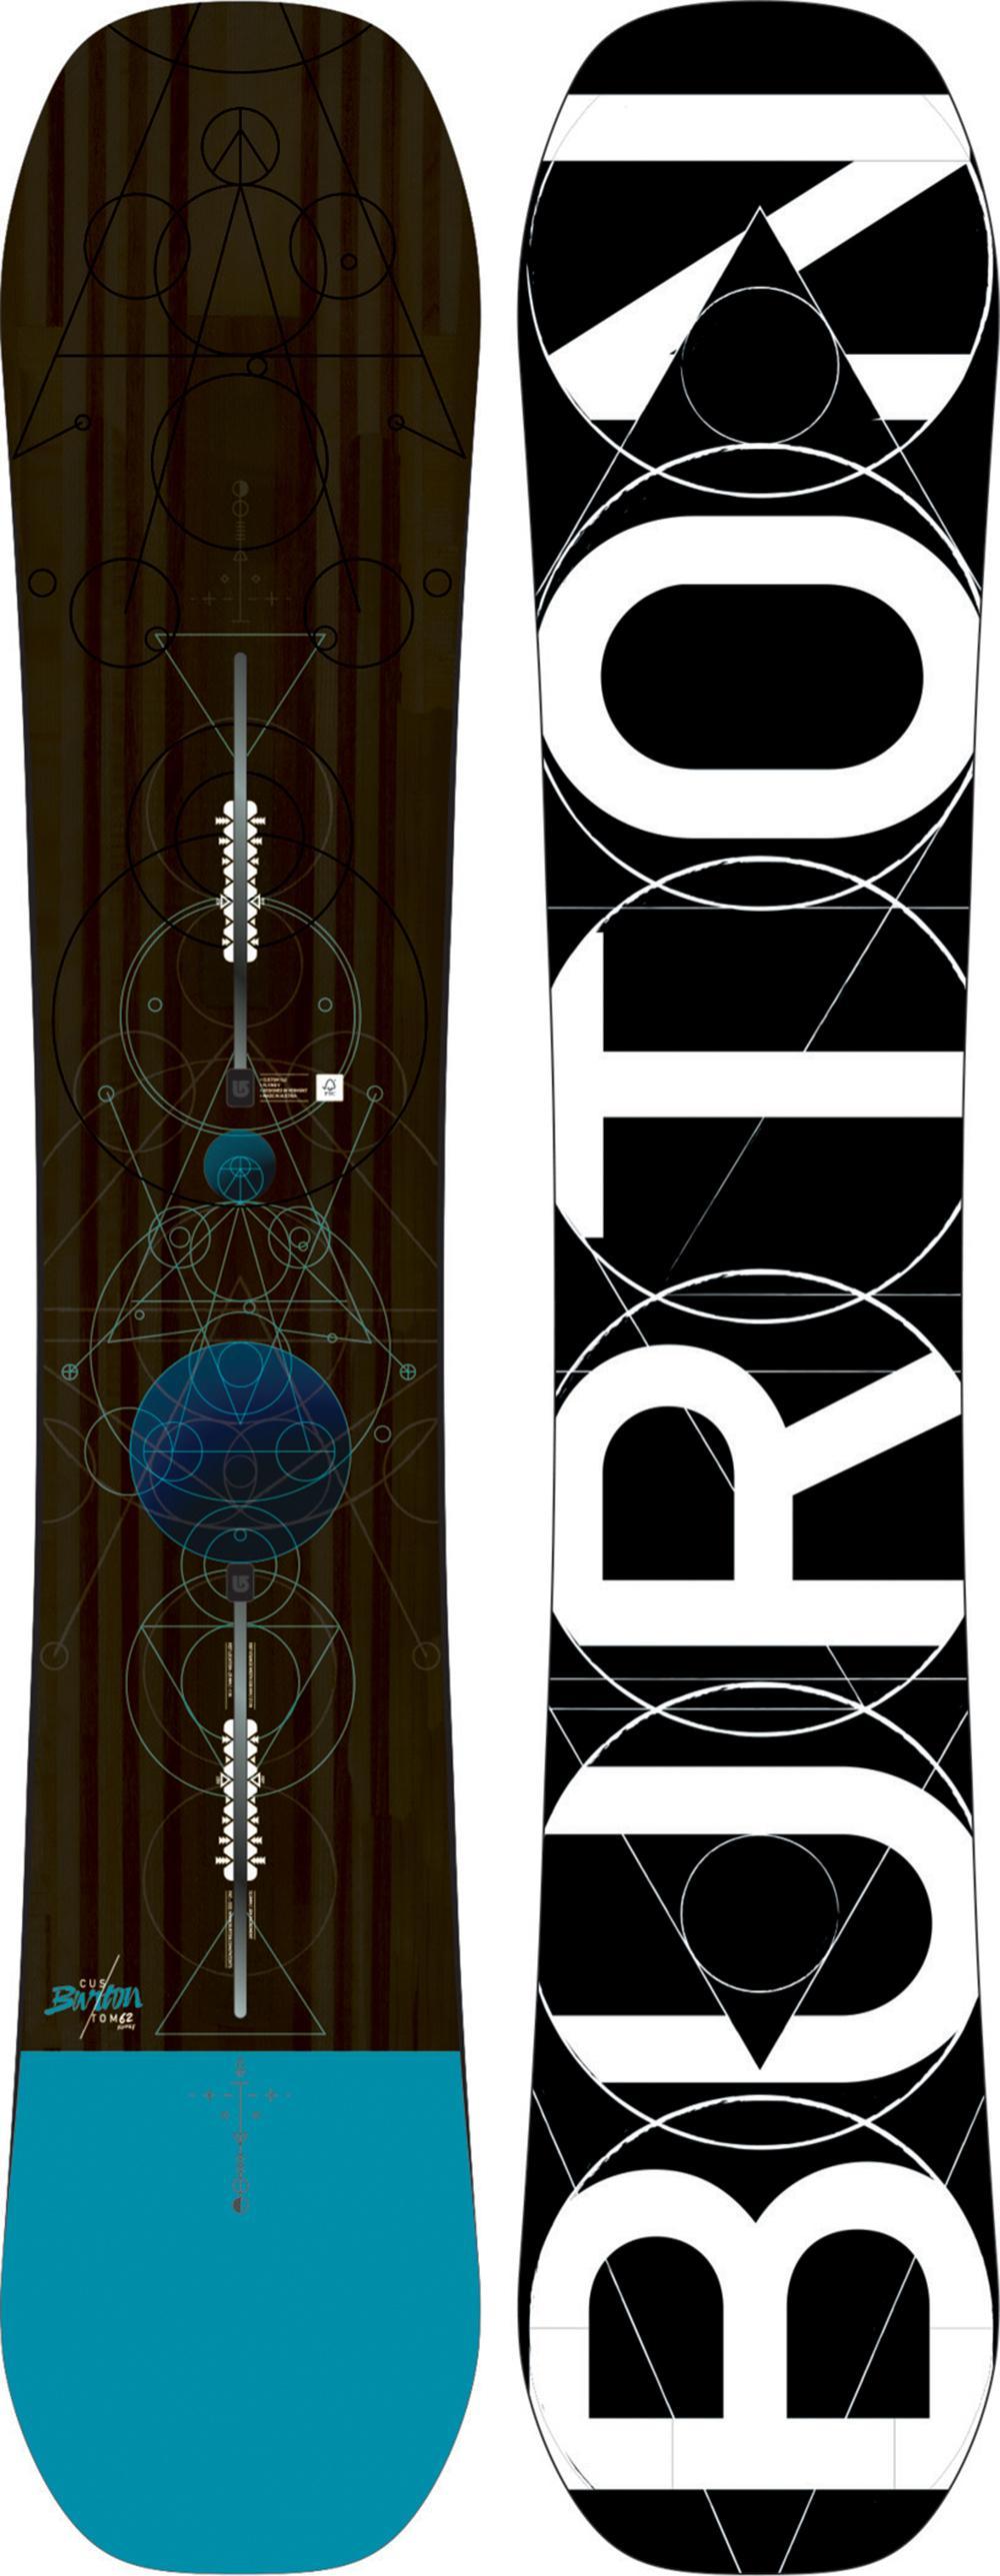 Basteln & Kreativität Neueste Kollektion Von Bügelperlen Vorlage Mensch Einzeln Hama Ansehen Top Elegante Form